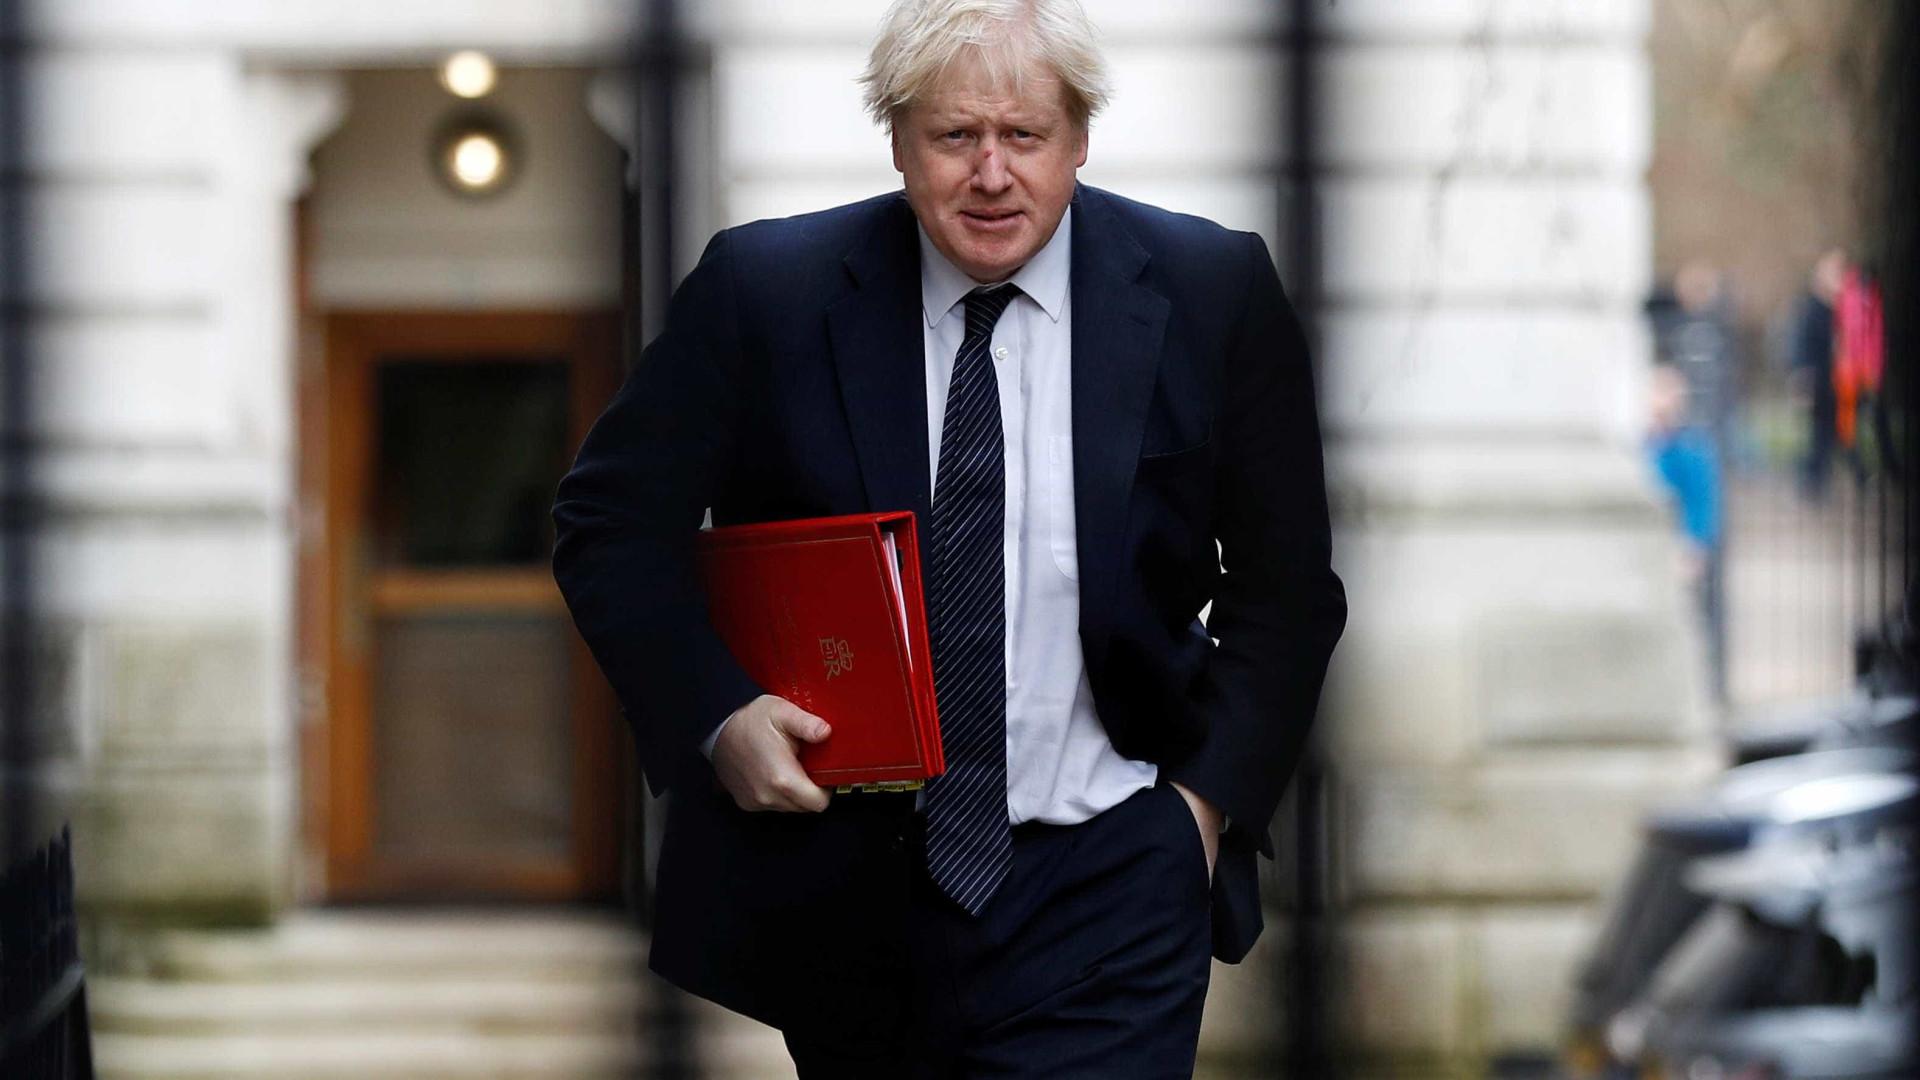 Em derrota para Boris, Parlamento proíbe brexit sem acordo